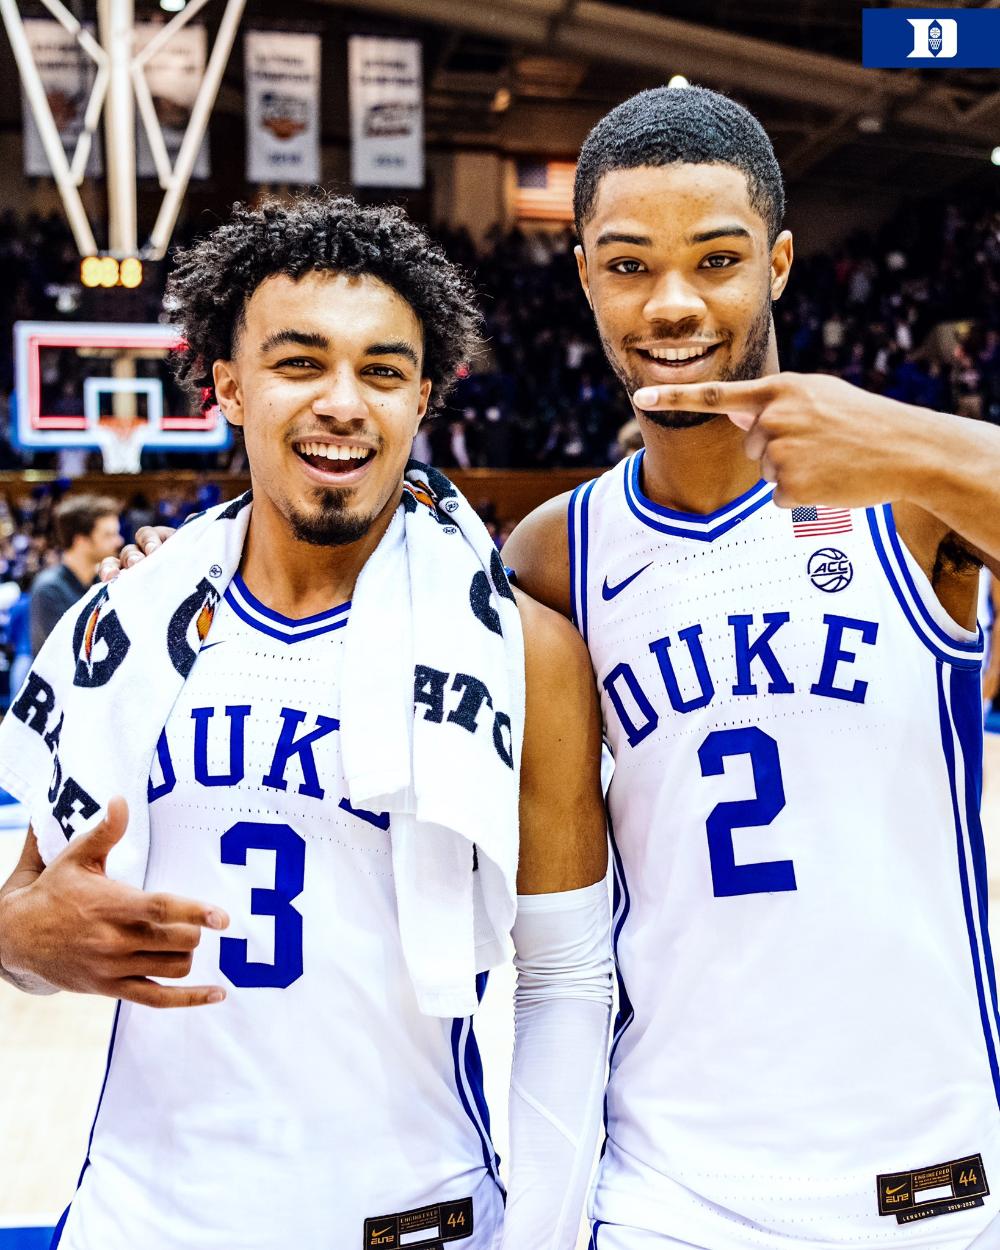 Duke Men's Basketball on Twitter